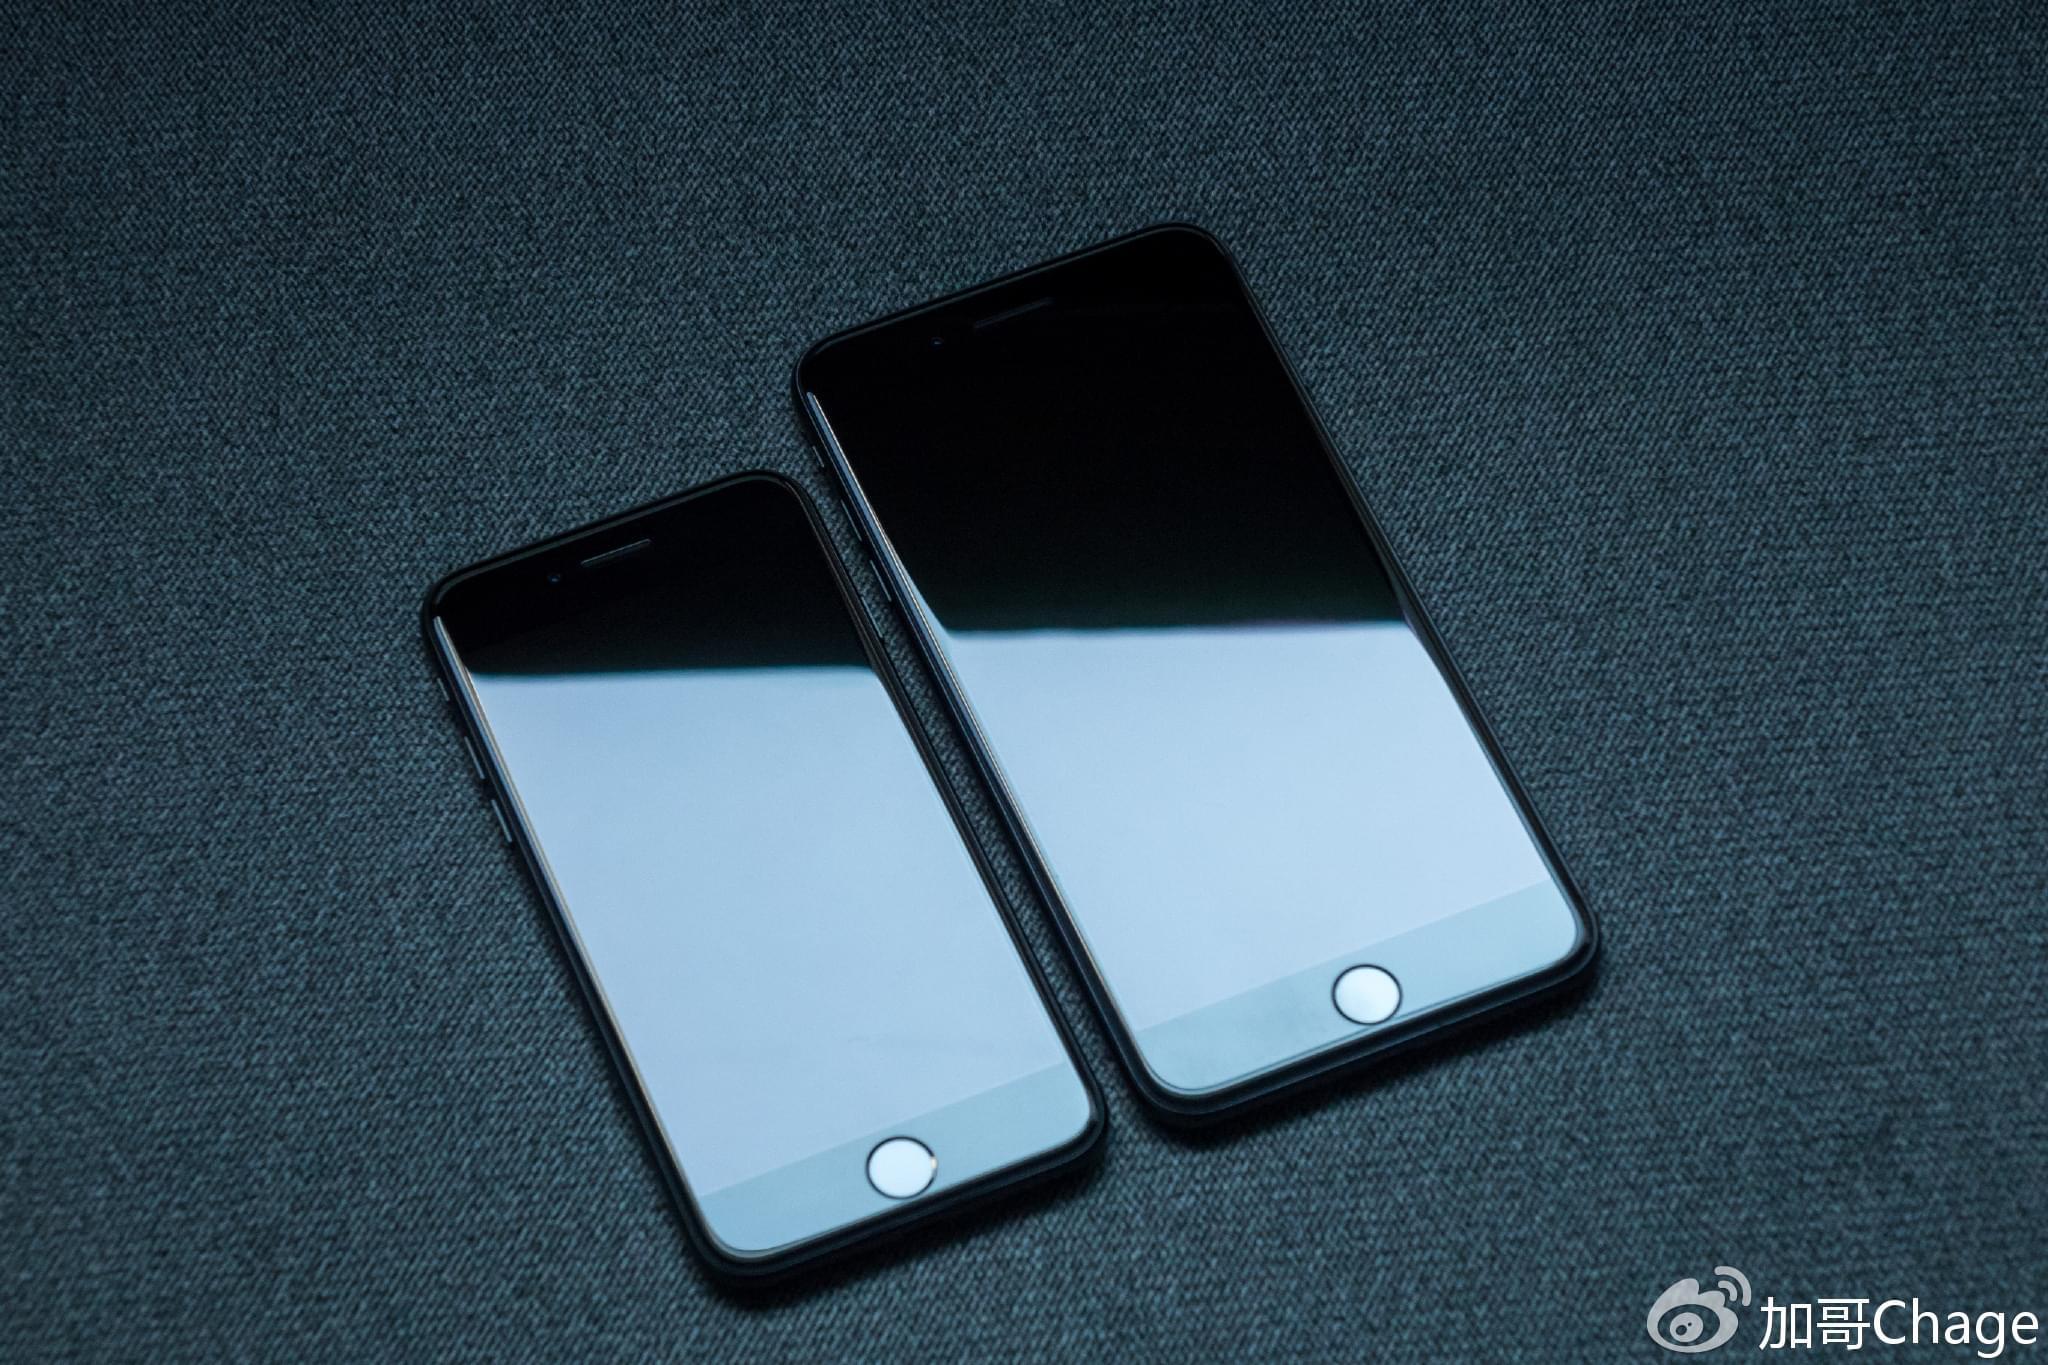 苹果的大败局?最详细的iPhone 7万字评测的照片 - 19